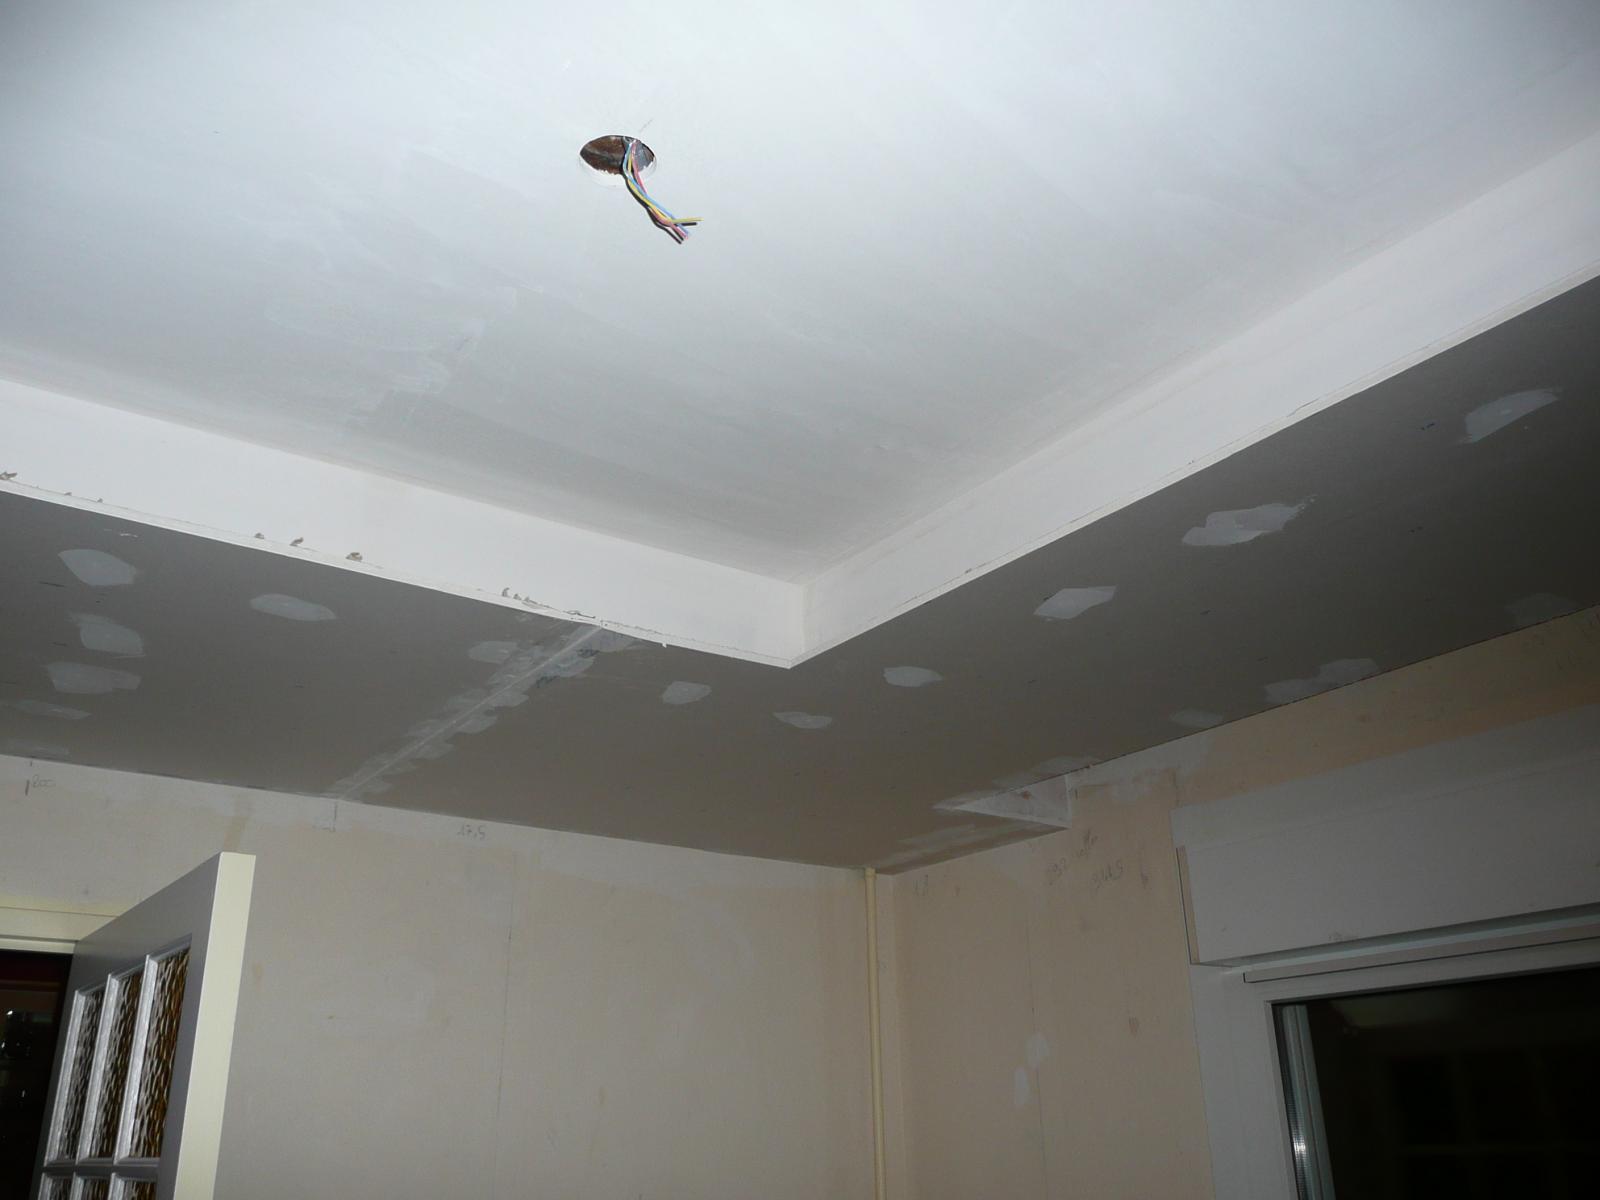 Cr ation de corniches lumineuses suspendues - Comment brancher des spots dans un faux plafond ...